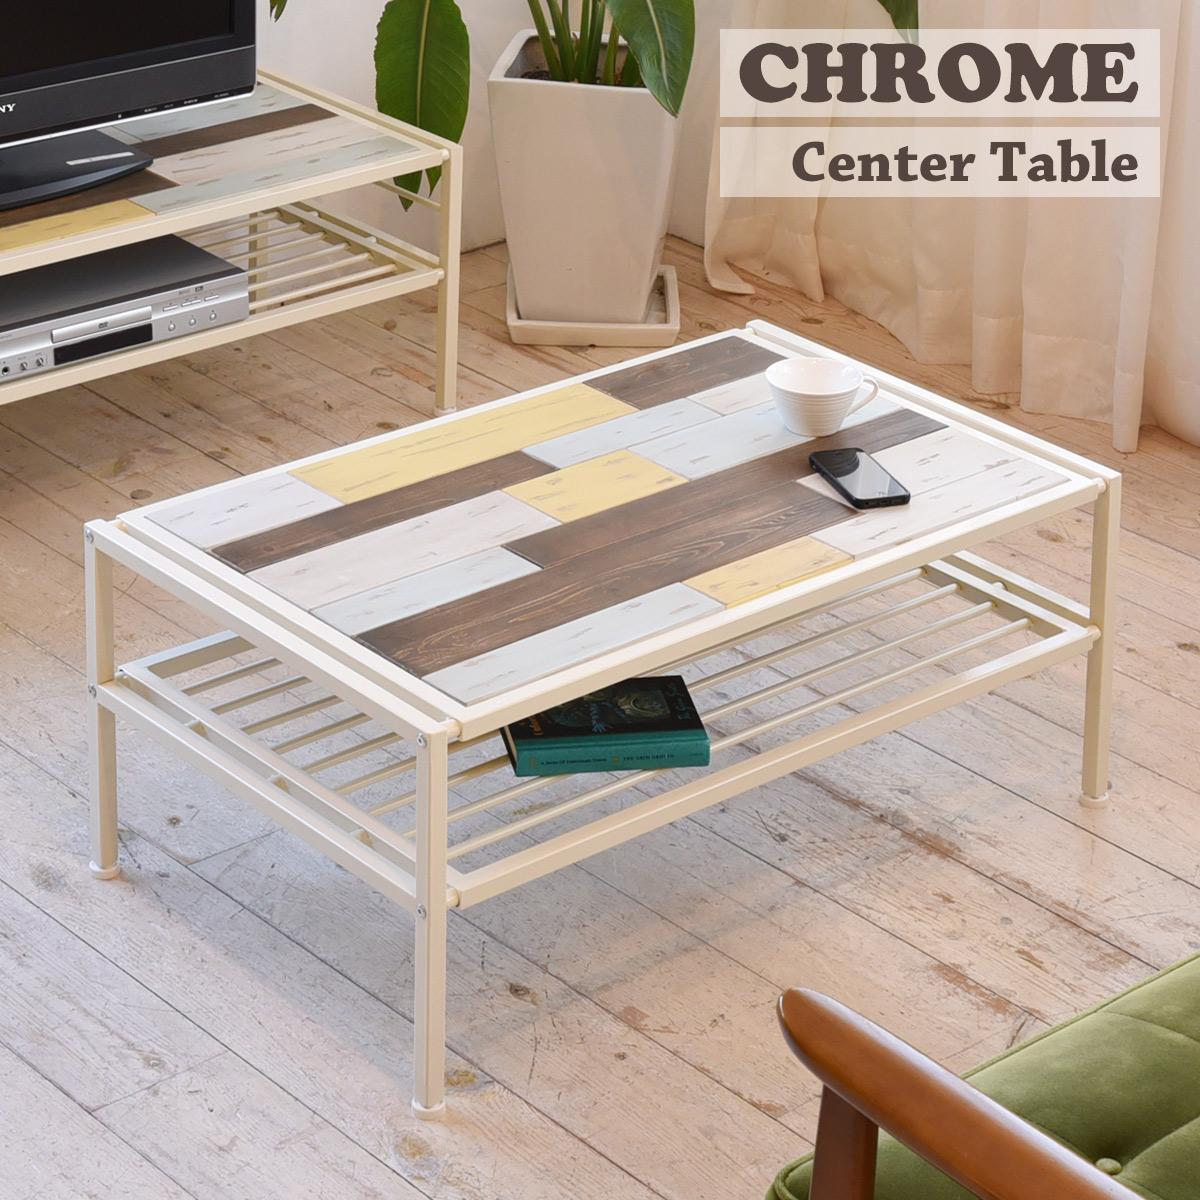 CHROME センターテーブル CHCT-900 センターテーブル 天然木 ローテーブル リビングテーブル 北欧